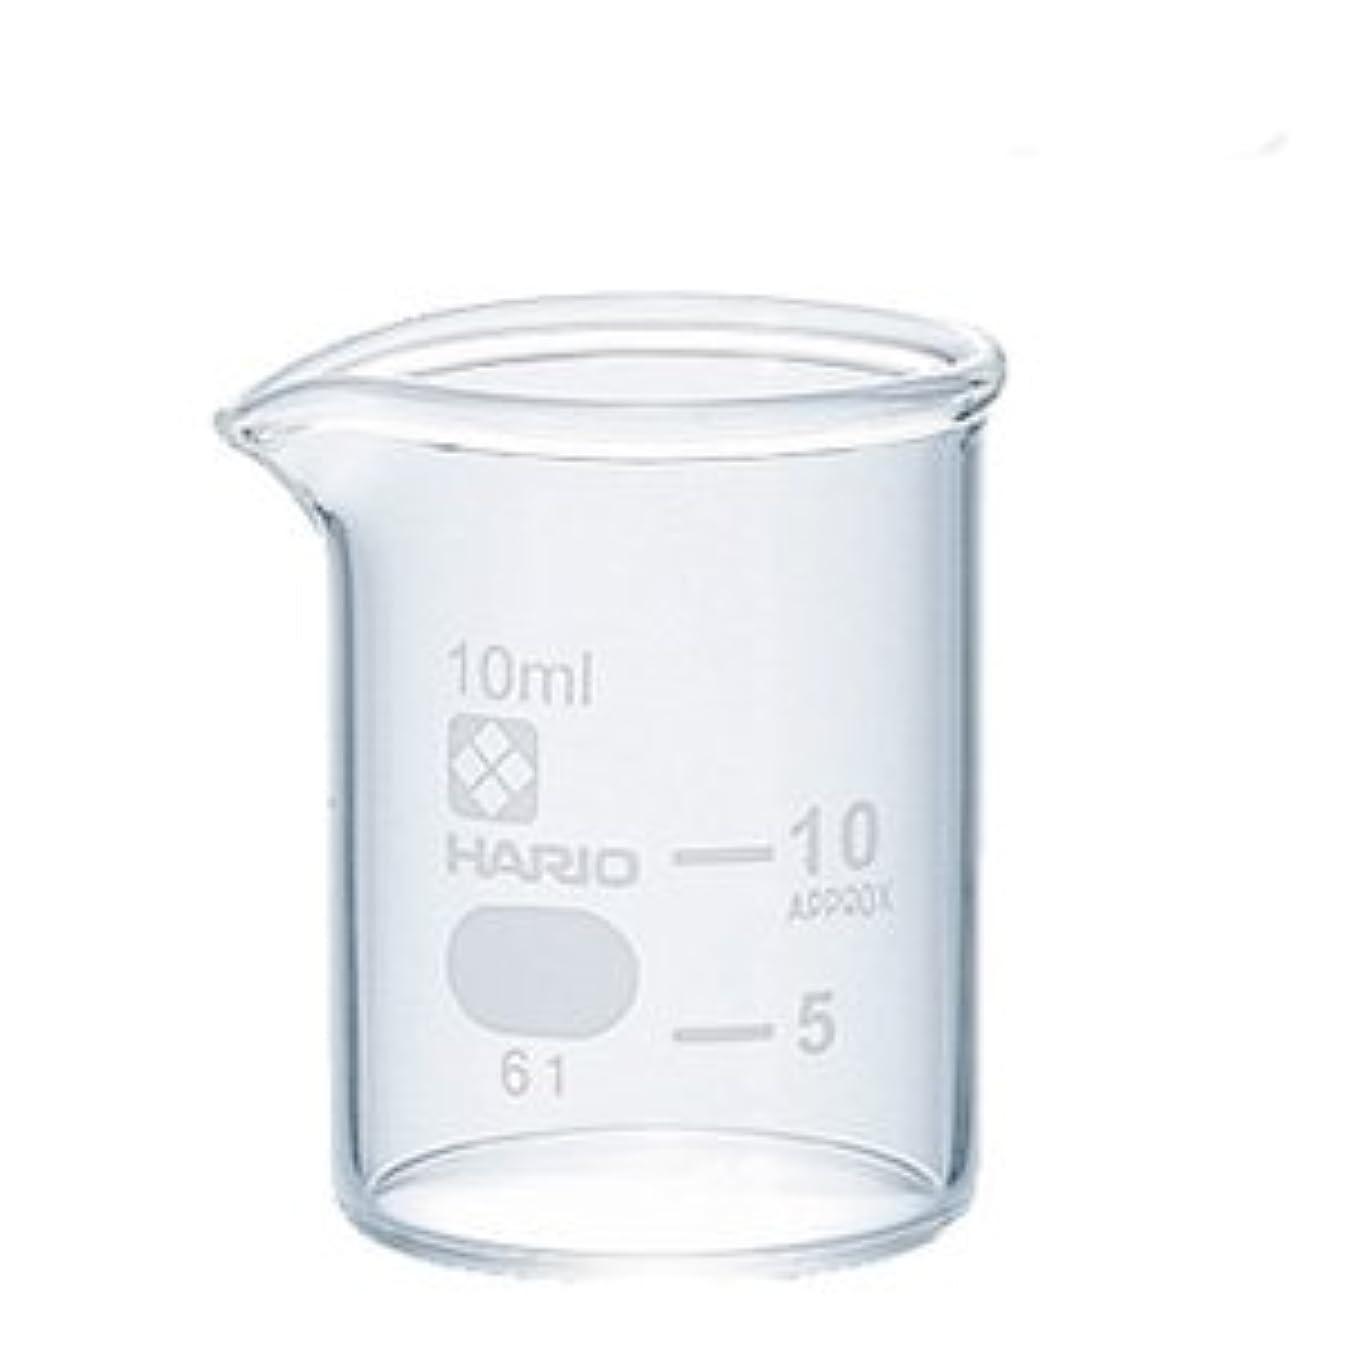 モス変動するこねるガラスビーカー 10ml 【手作り石鹸/手作りコスメ/手作り化粧品】